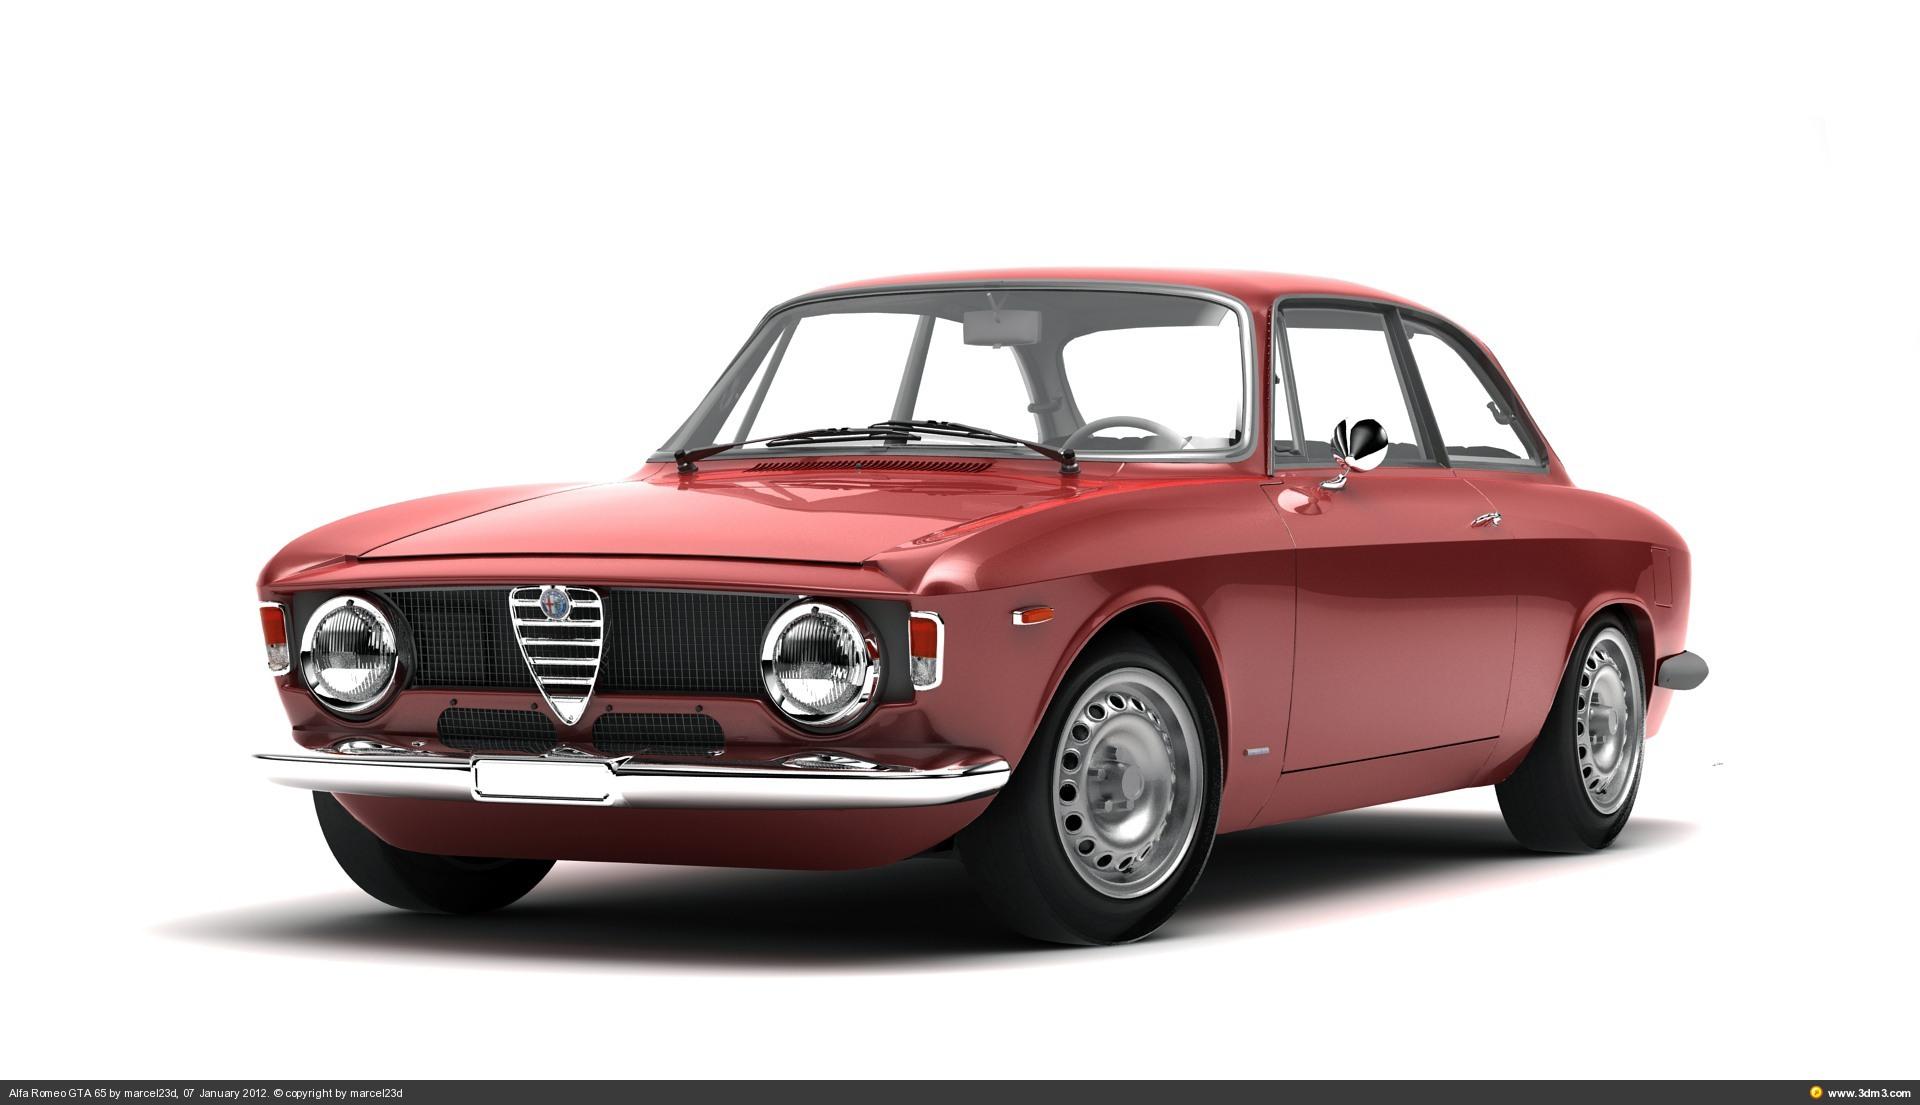 Alfa Romeo Gta Wallpapers Vehicles Hq Alfa Romeo Gta Pictures 4k Wallpapers 2019